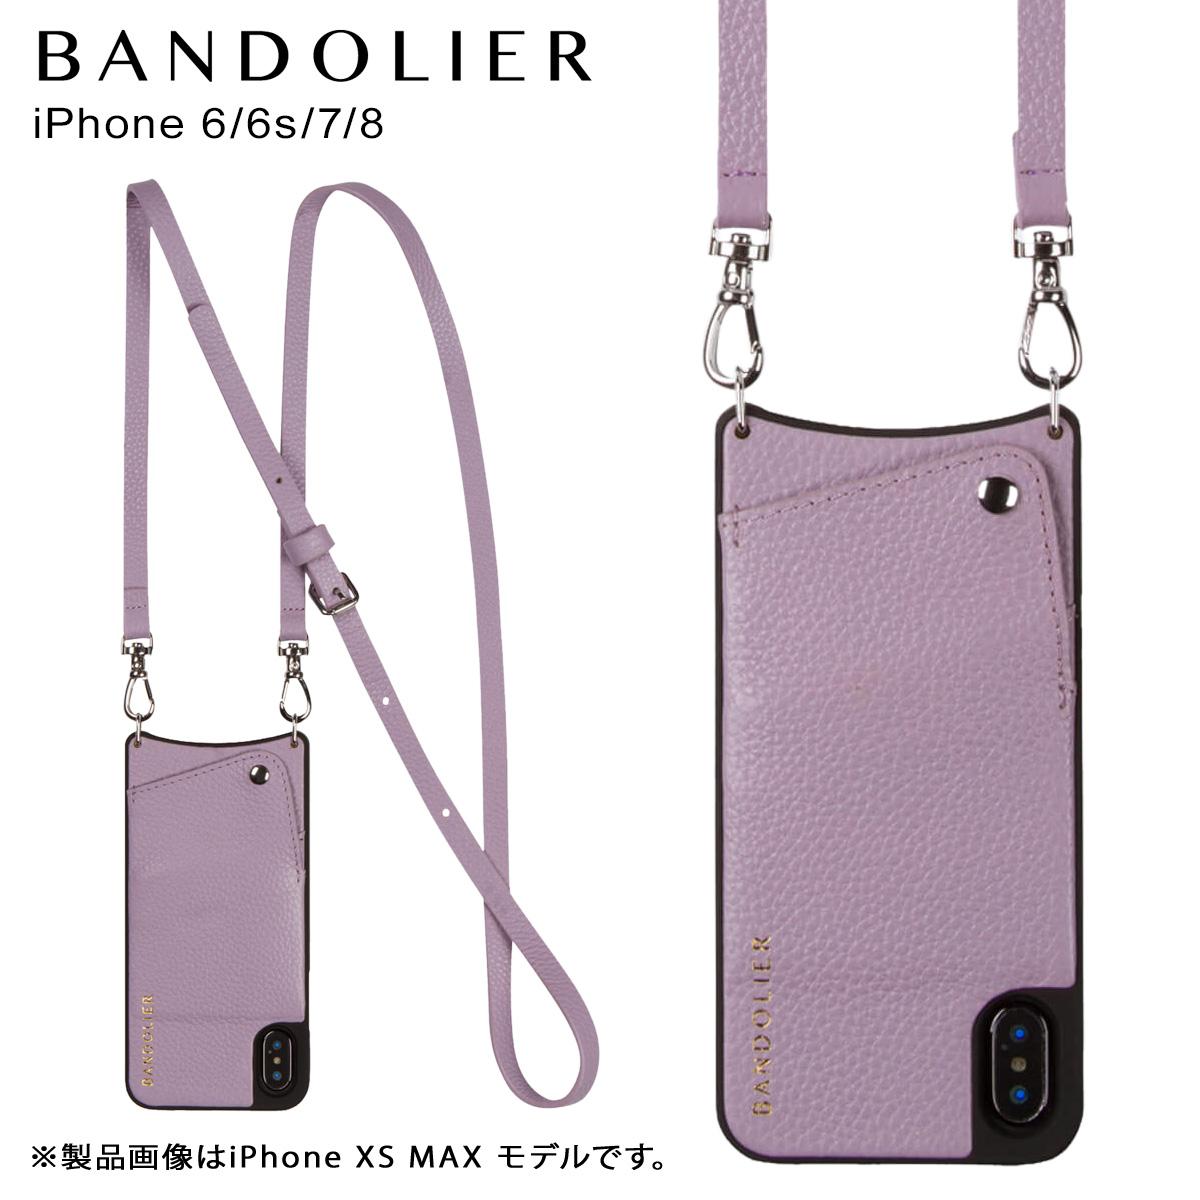 BANDOLIER iPhone 6 6s 7 8 EMMA LILAC バンドリヤー ケース ショルダー スマホ アイフォン レザー メンズ レディース ライラック 10EMM1001 [4/18 再入荷]